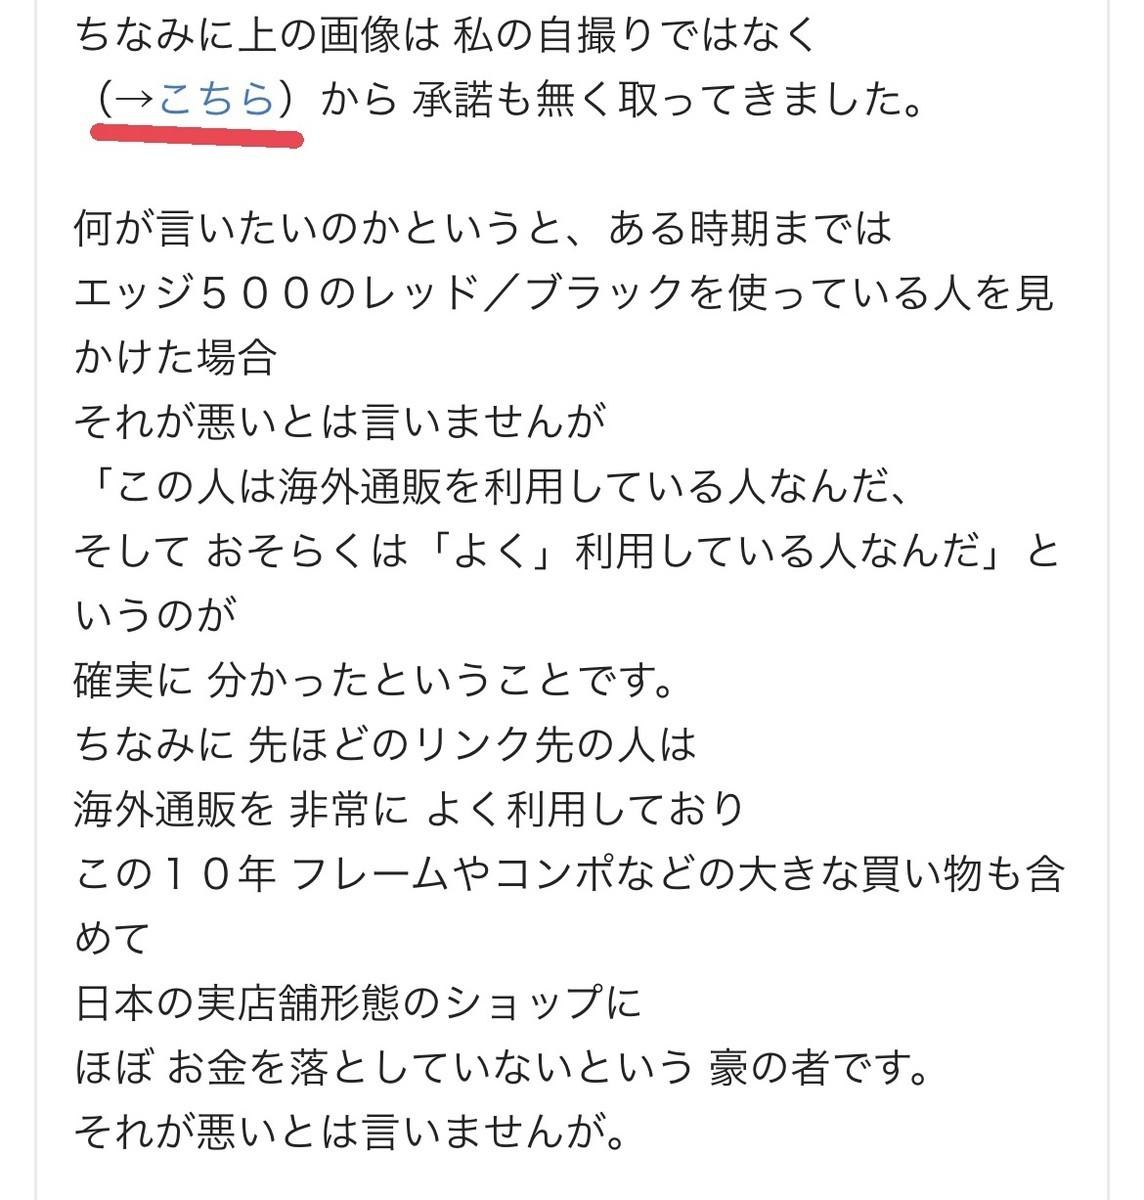 f:id:yuipapa711:20210813000305j:plain